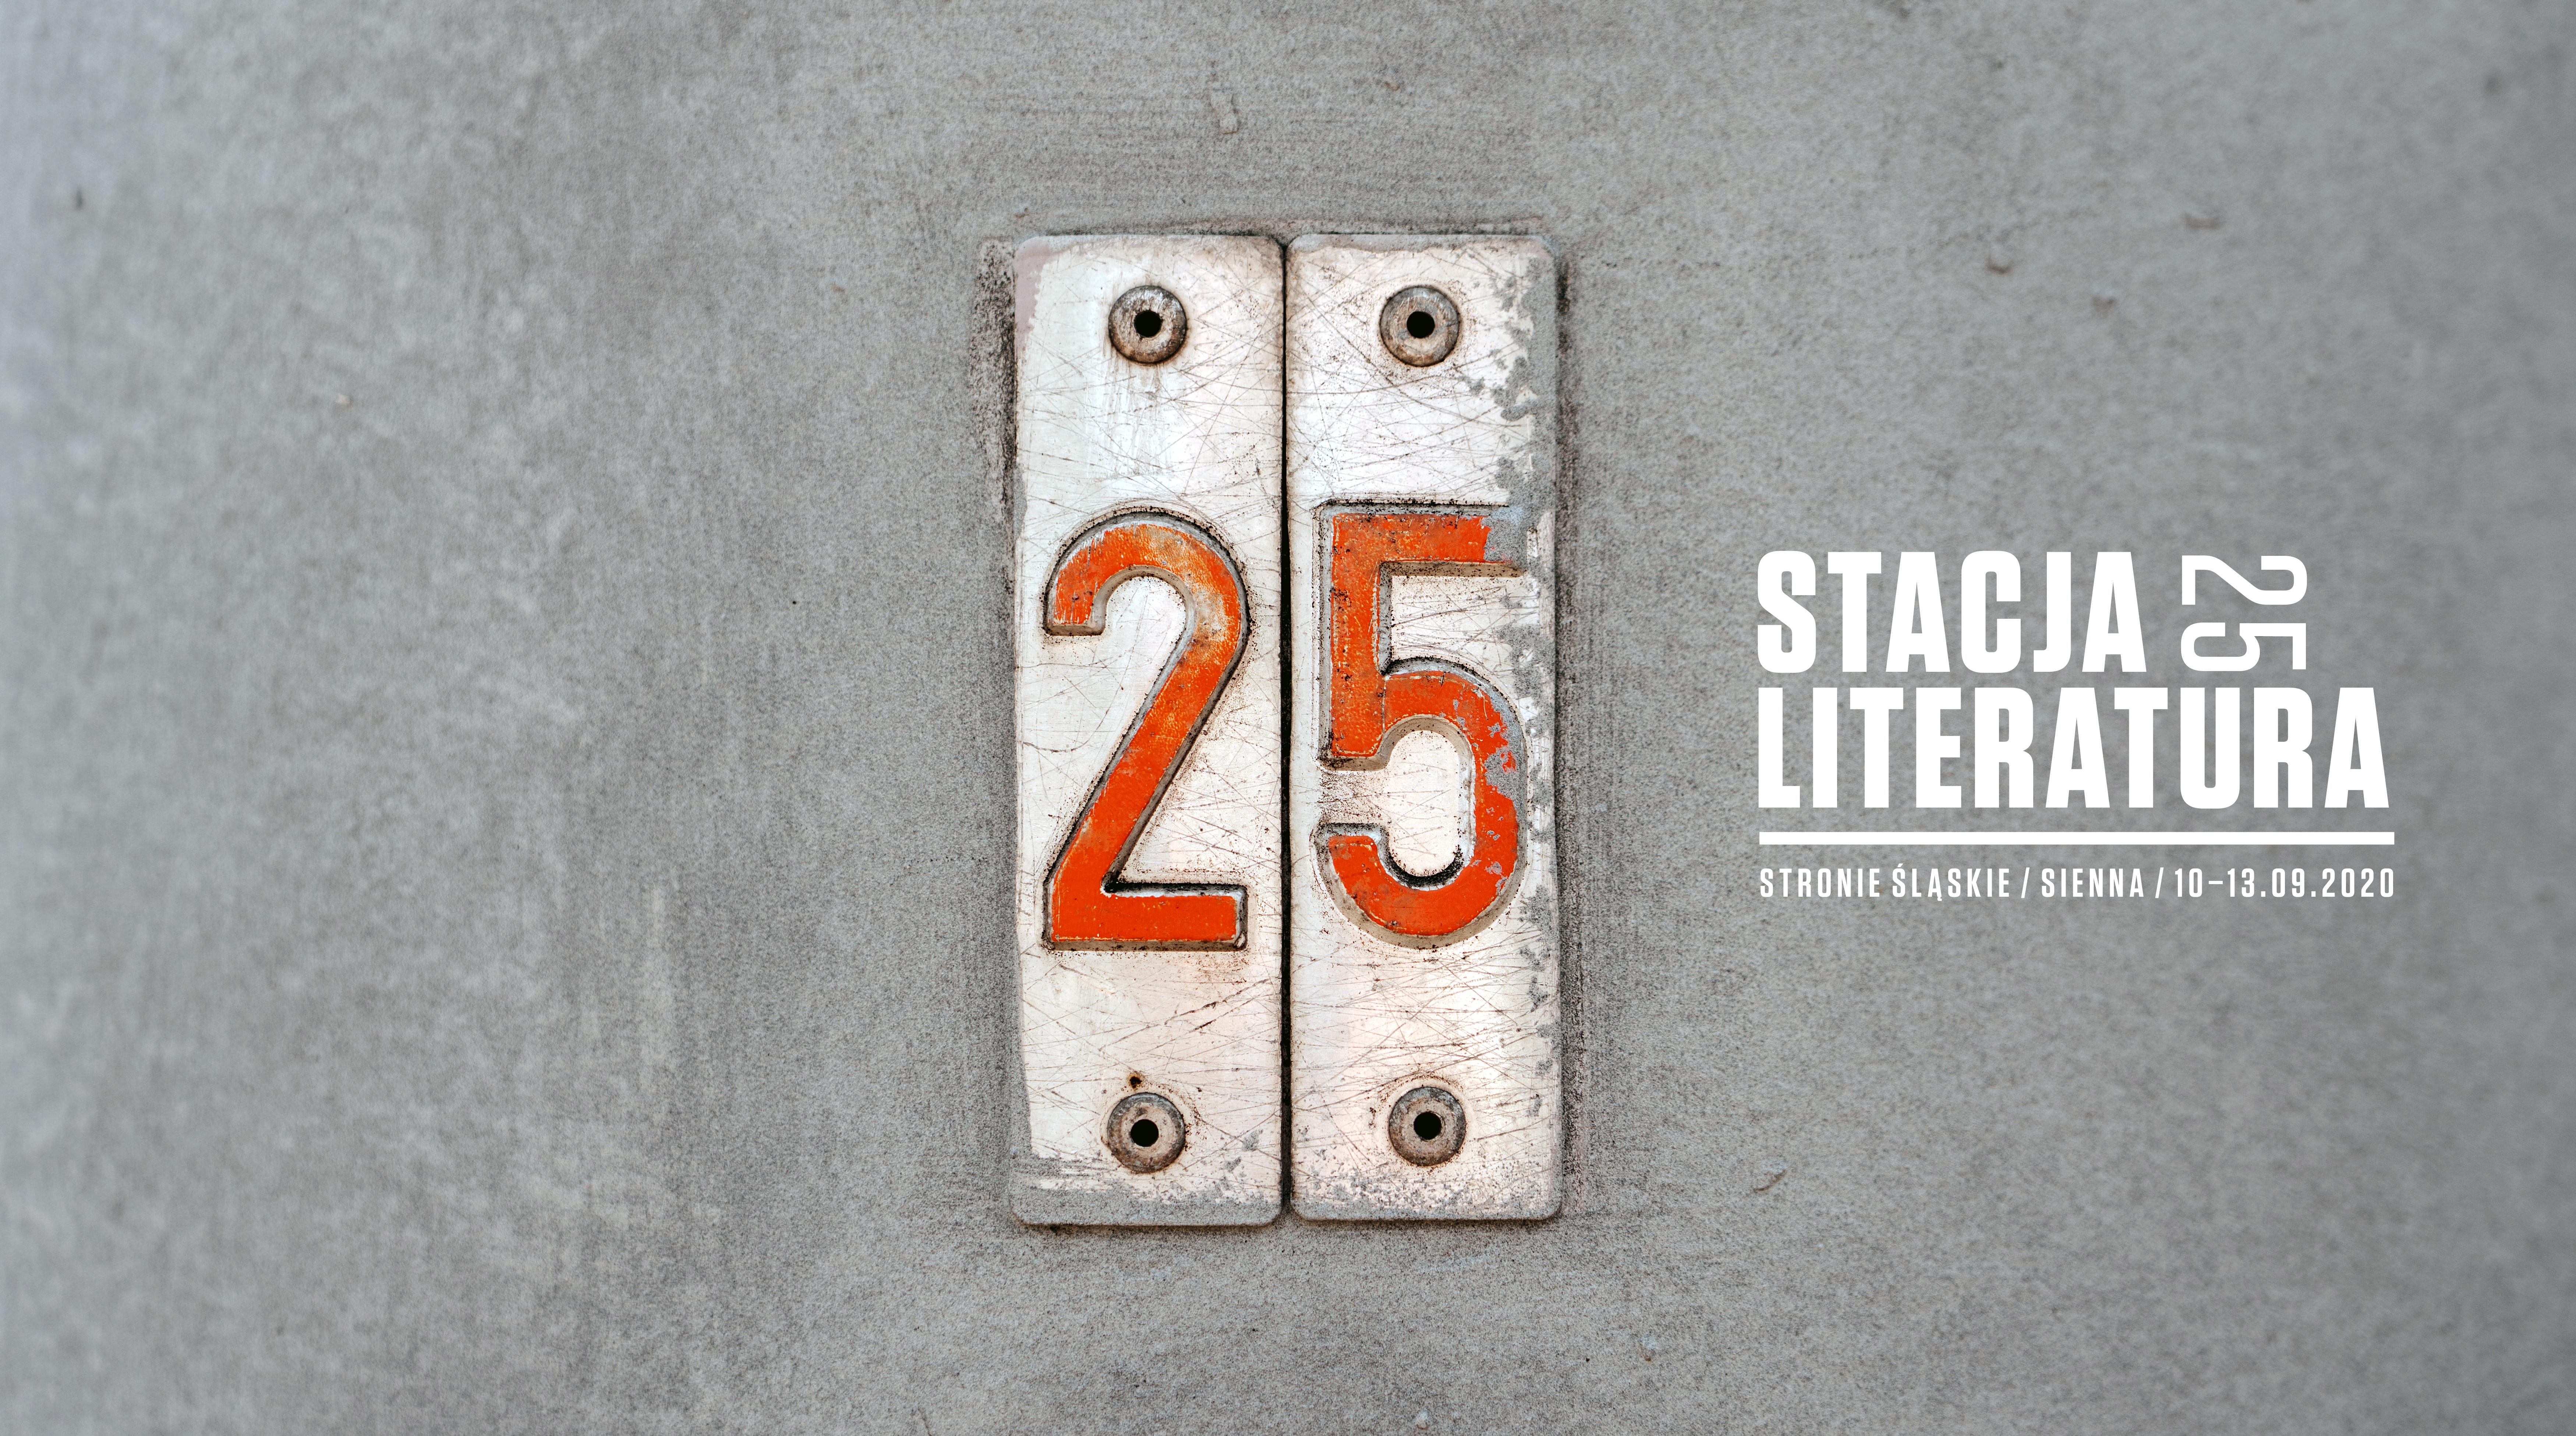 Wiersz I Opowiadanie Doraźne 2020 Biuro Literackie